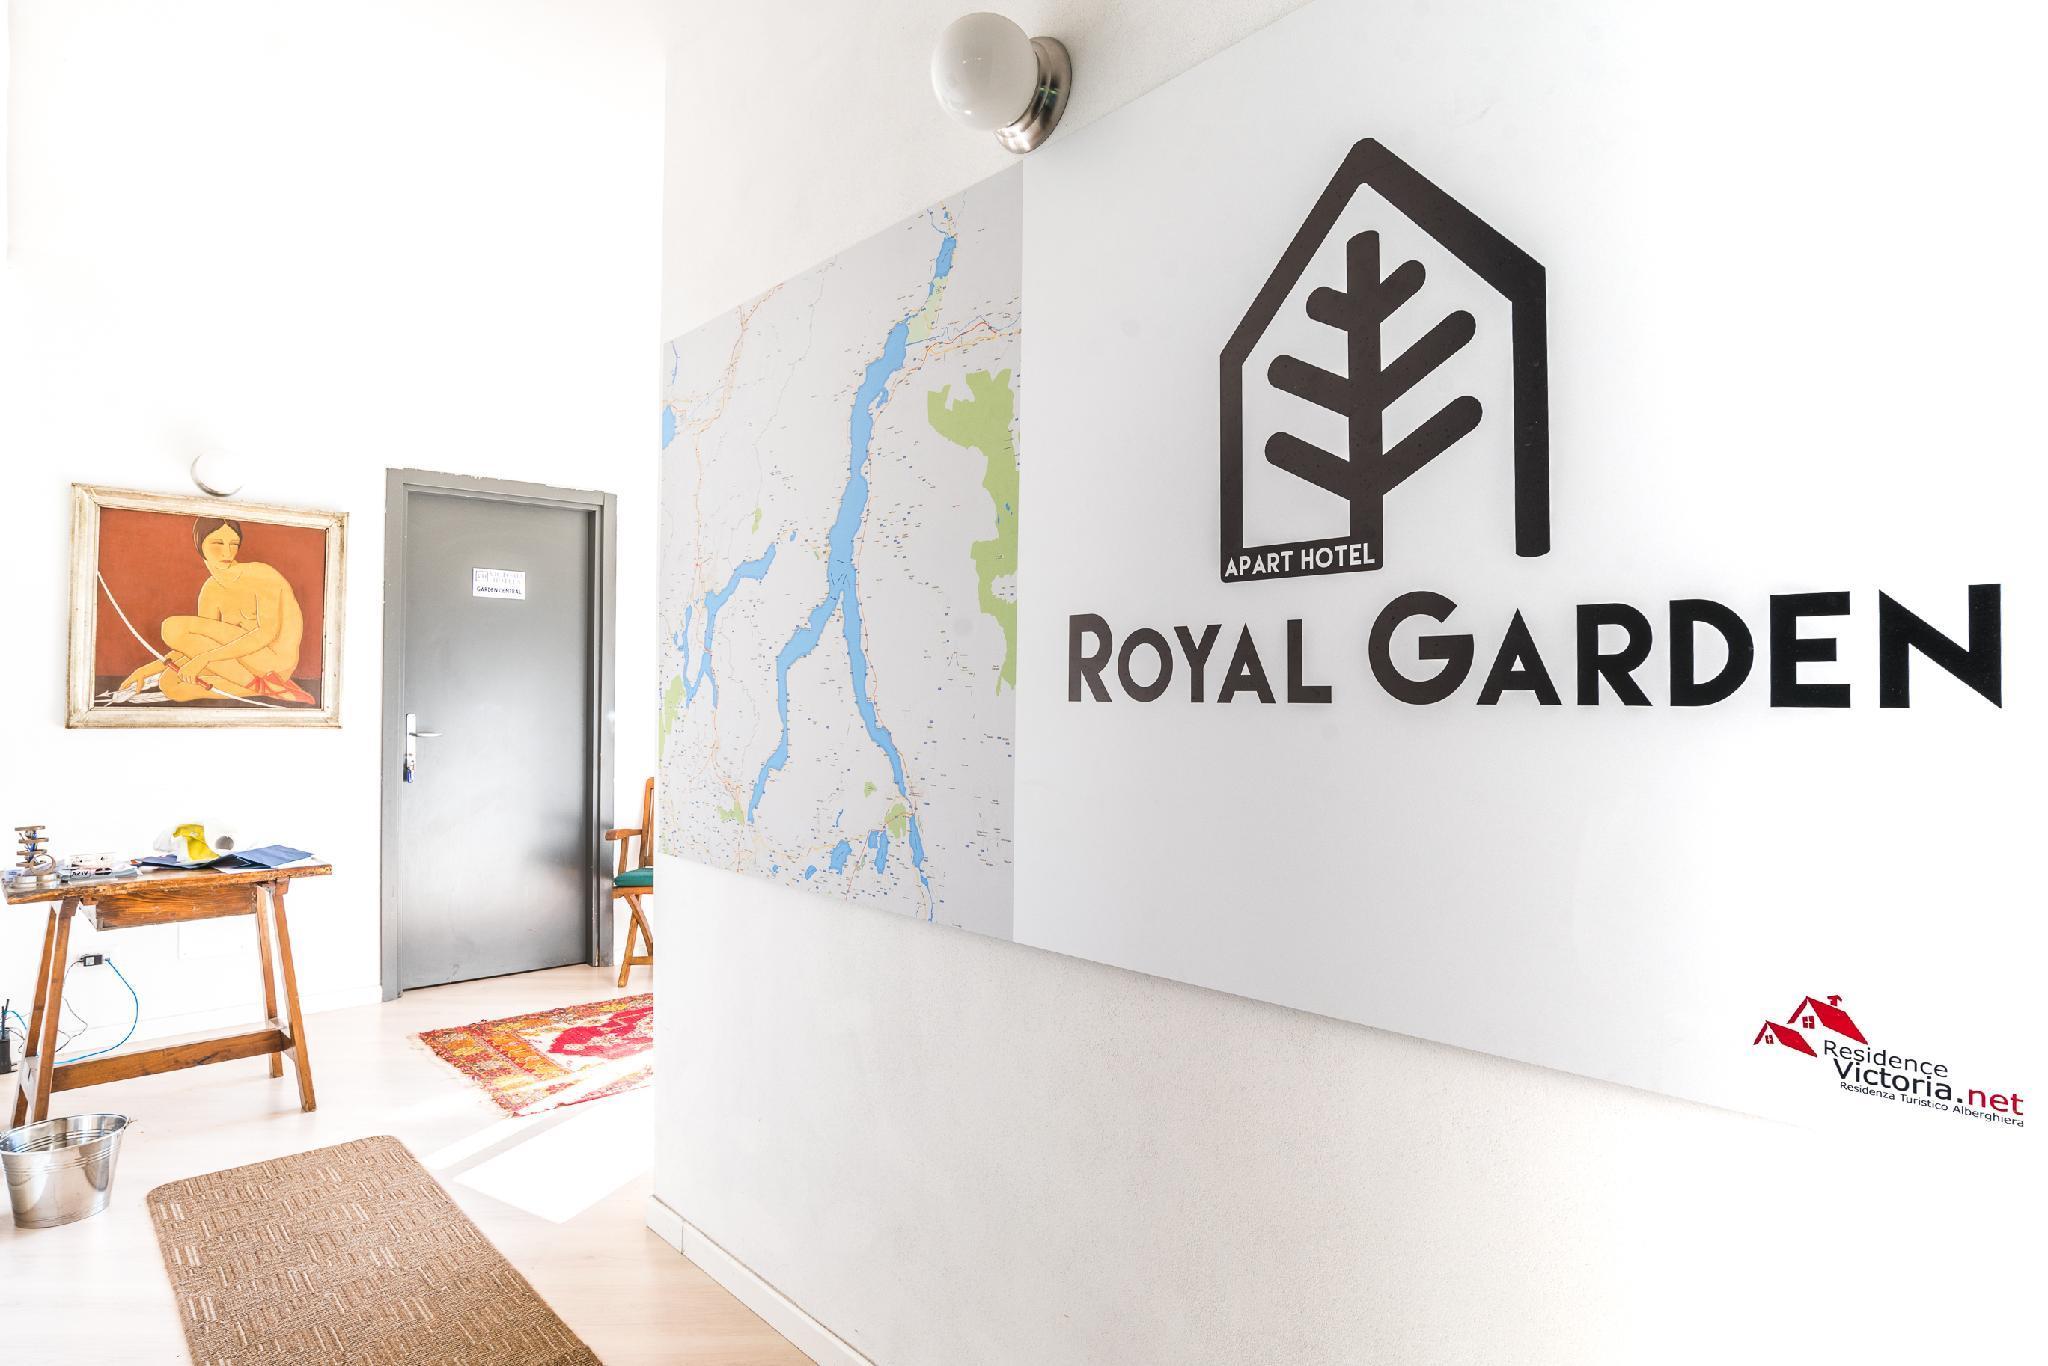 Victoria Hotels Royal Garden, Como